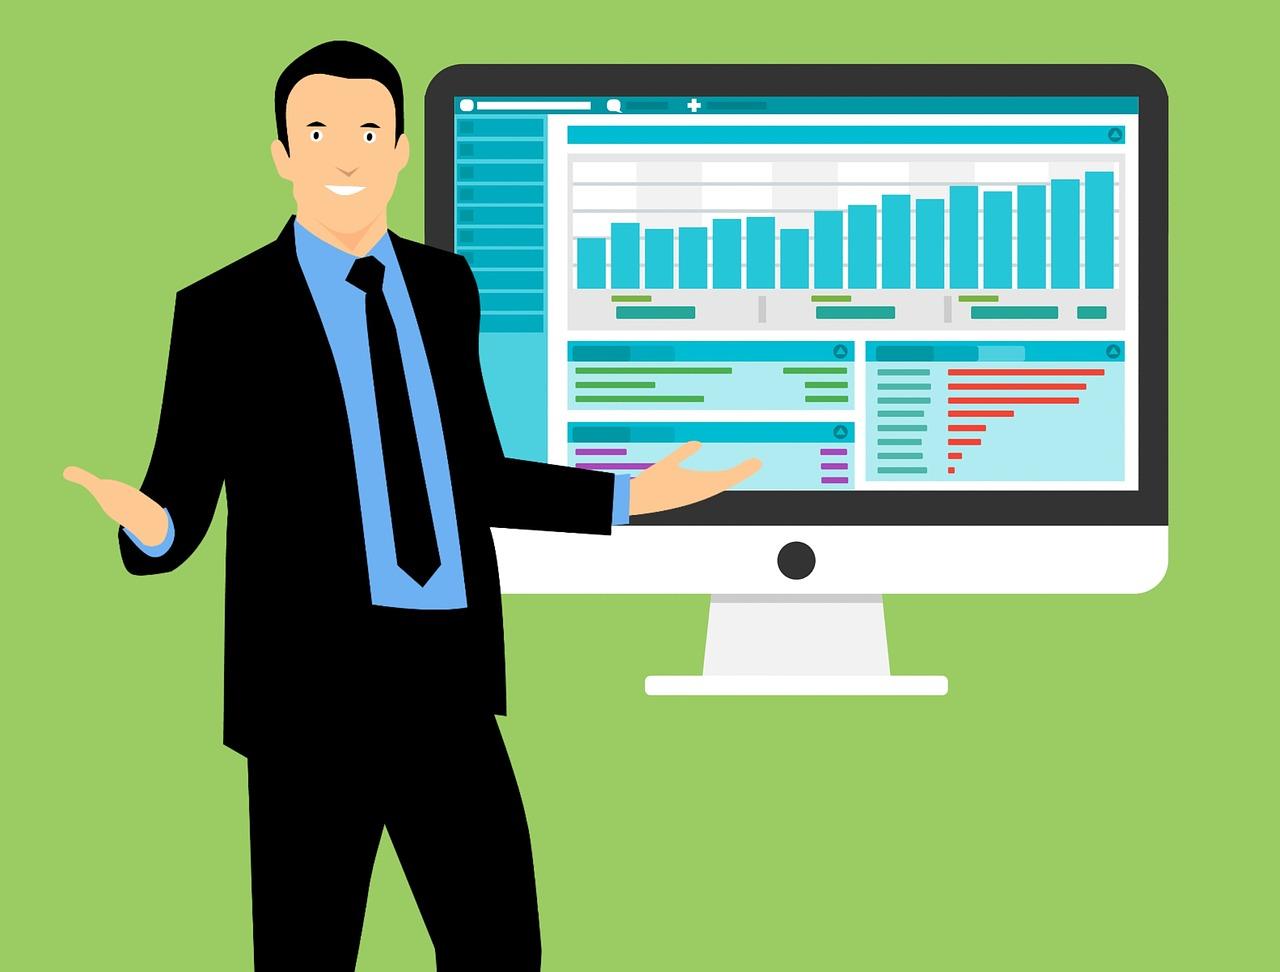 profissional do trading fazendo gestão de banca